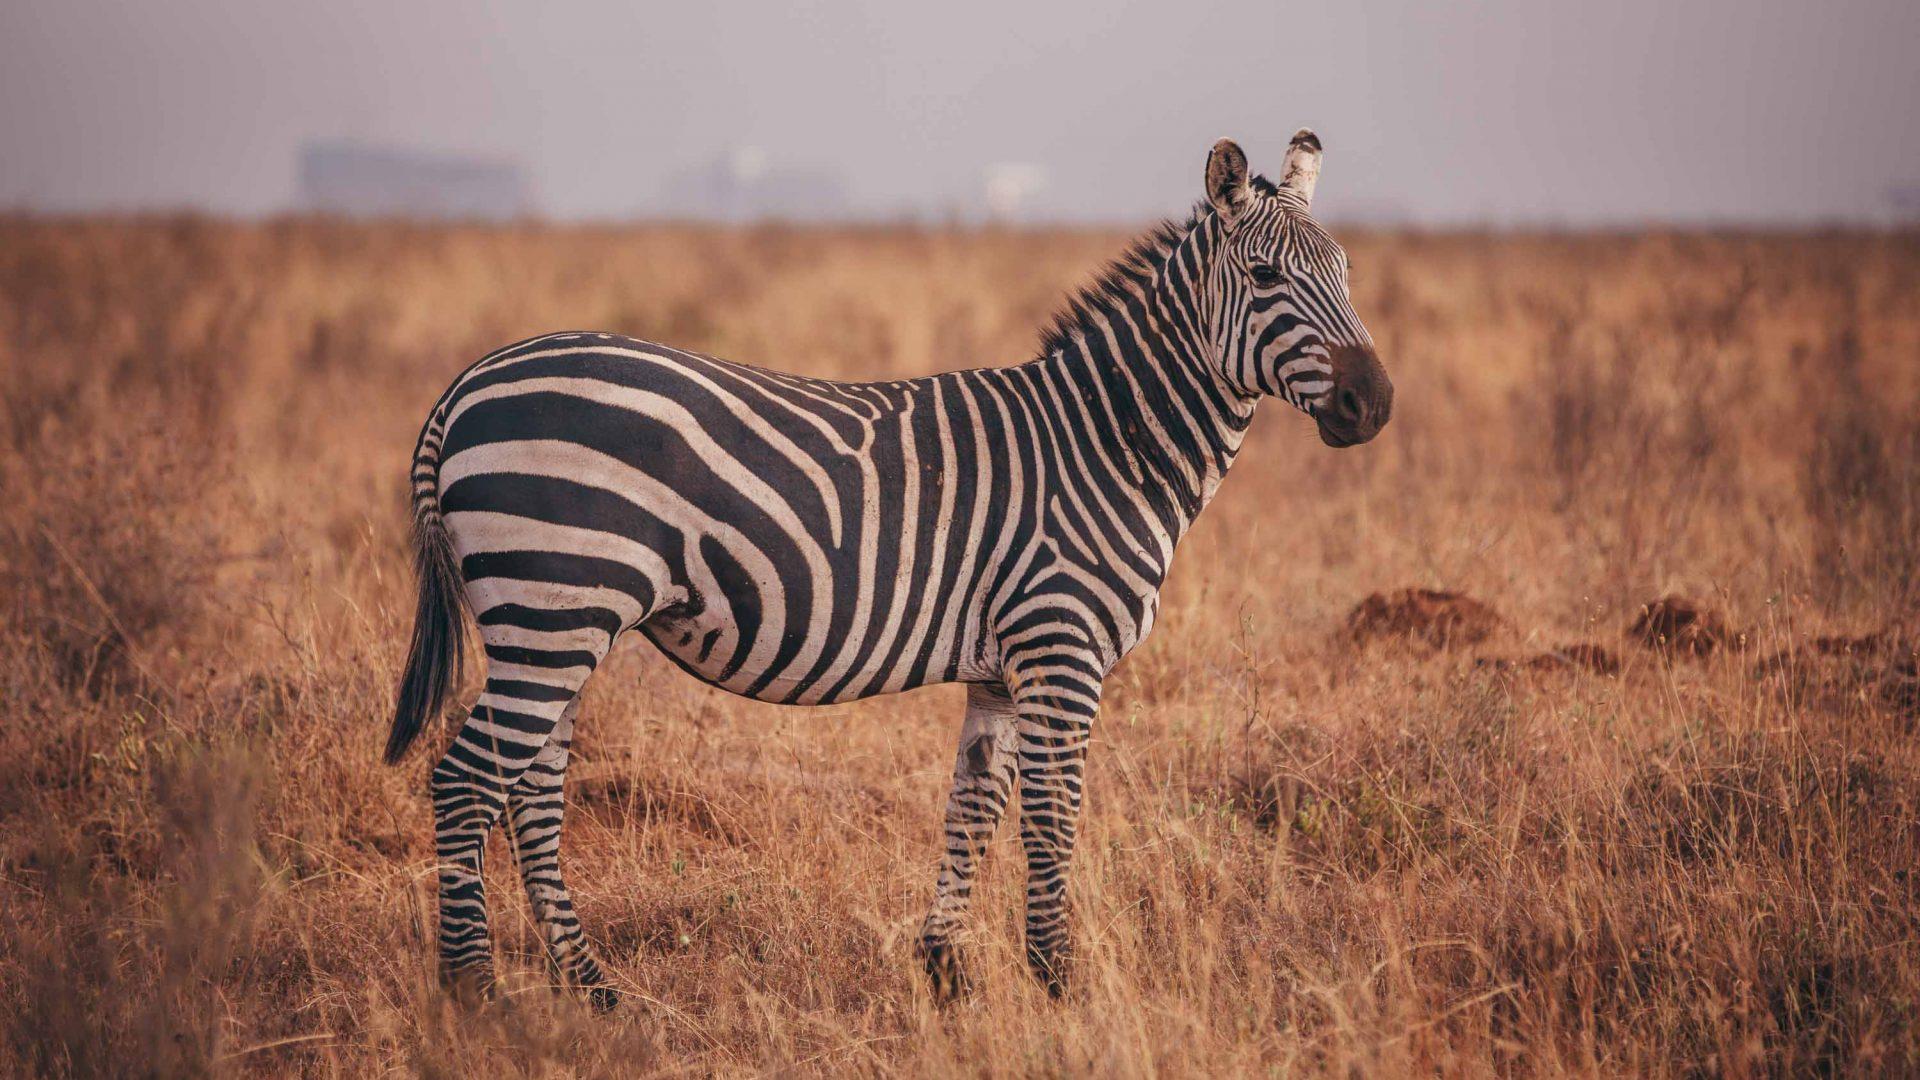 A zebra seen during a game drive in Kenya.